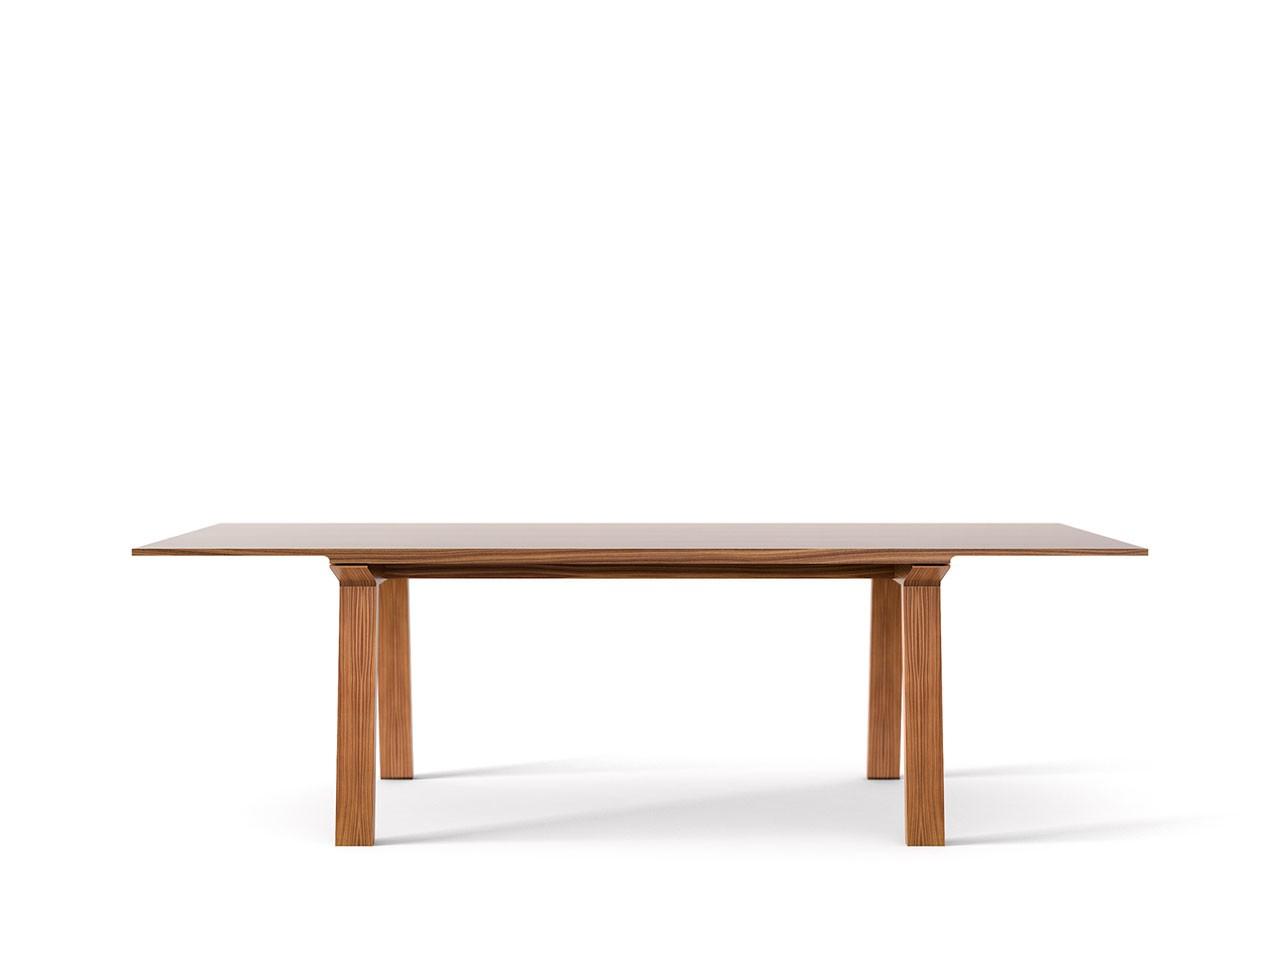 Mitis Dining Table, Rectangular Super-matt Walnut, Super-matt Walnut, 240cm